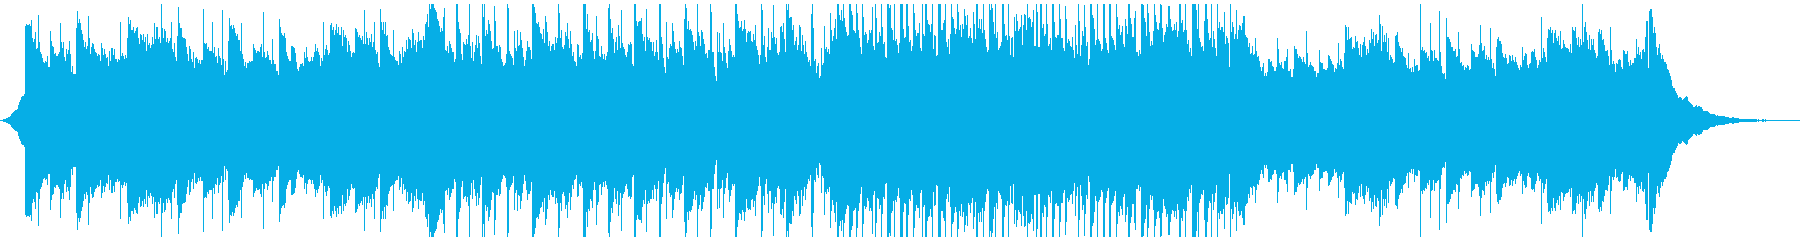 ポップ テクノ コーポレート アク...の再生済みの波形